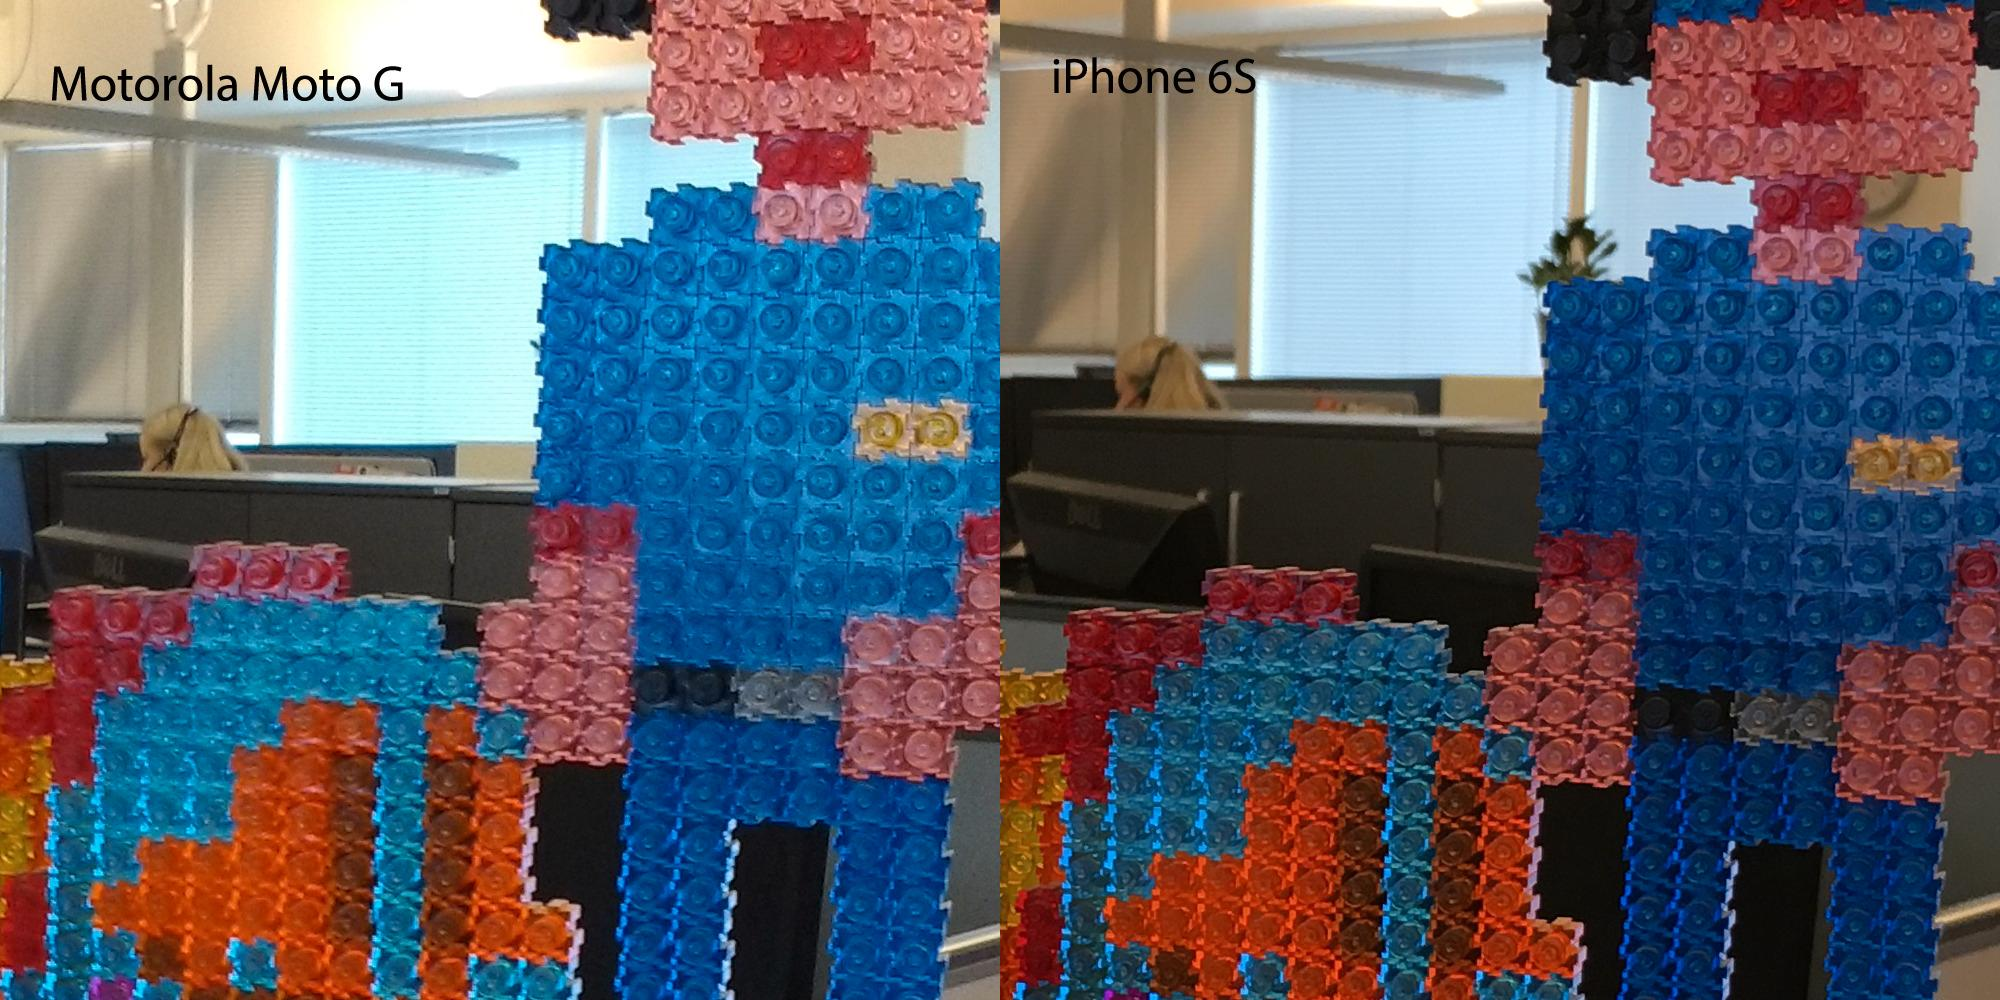 Utsnitt av innendørsbilde tatt med henholdsvis Motorola Moto G (til venstre) og iPhone 6S.